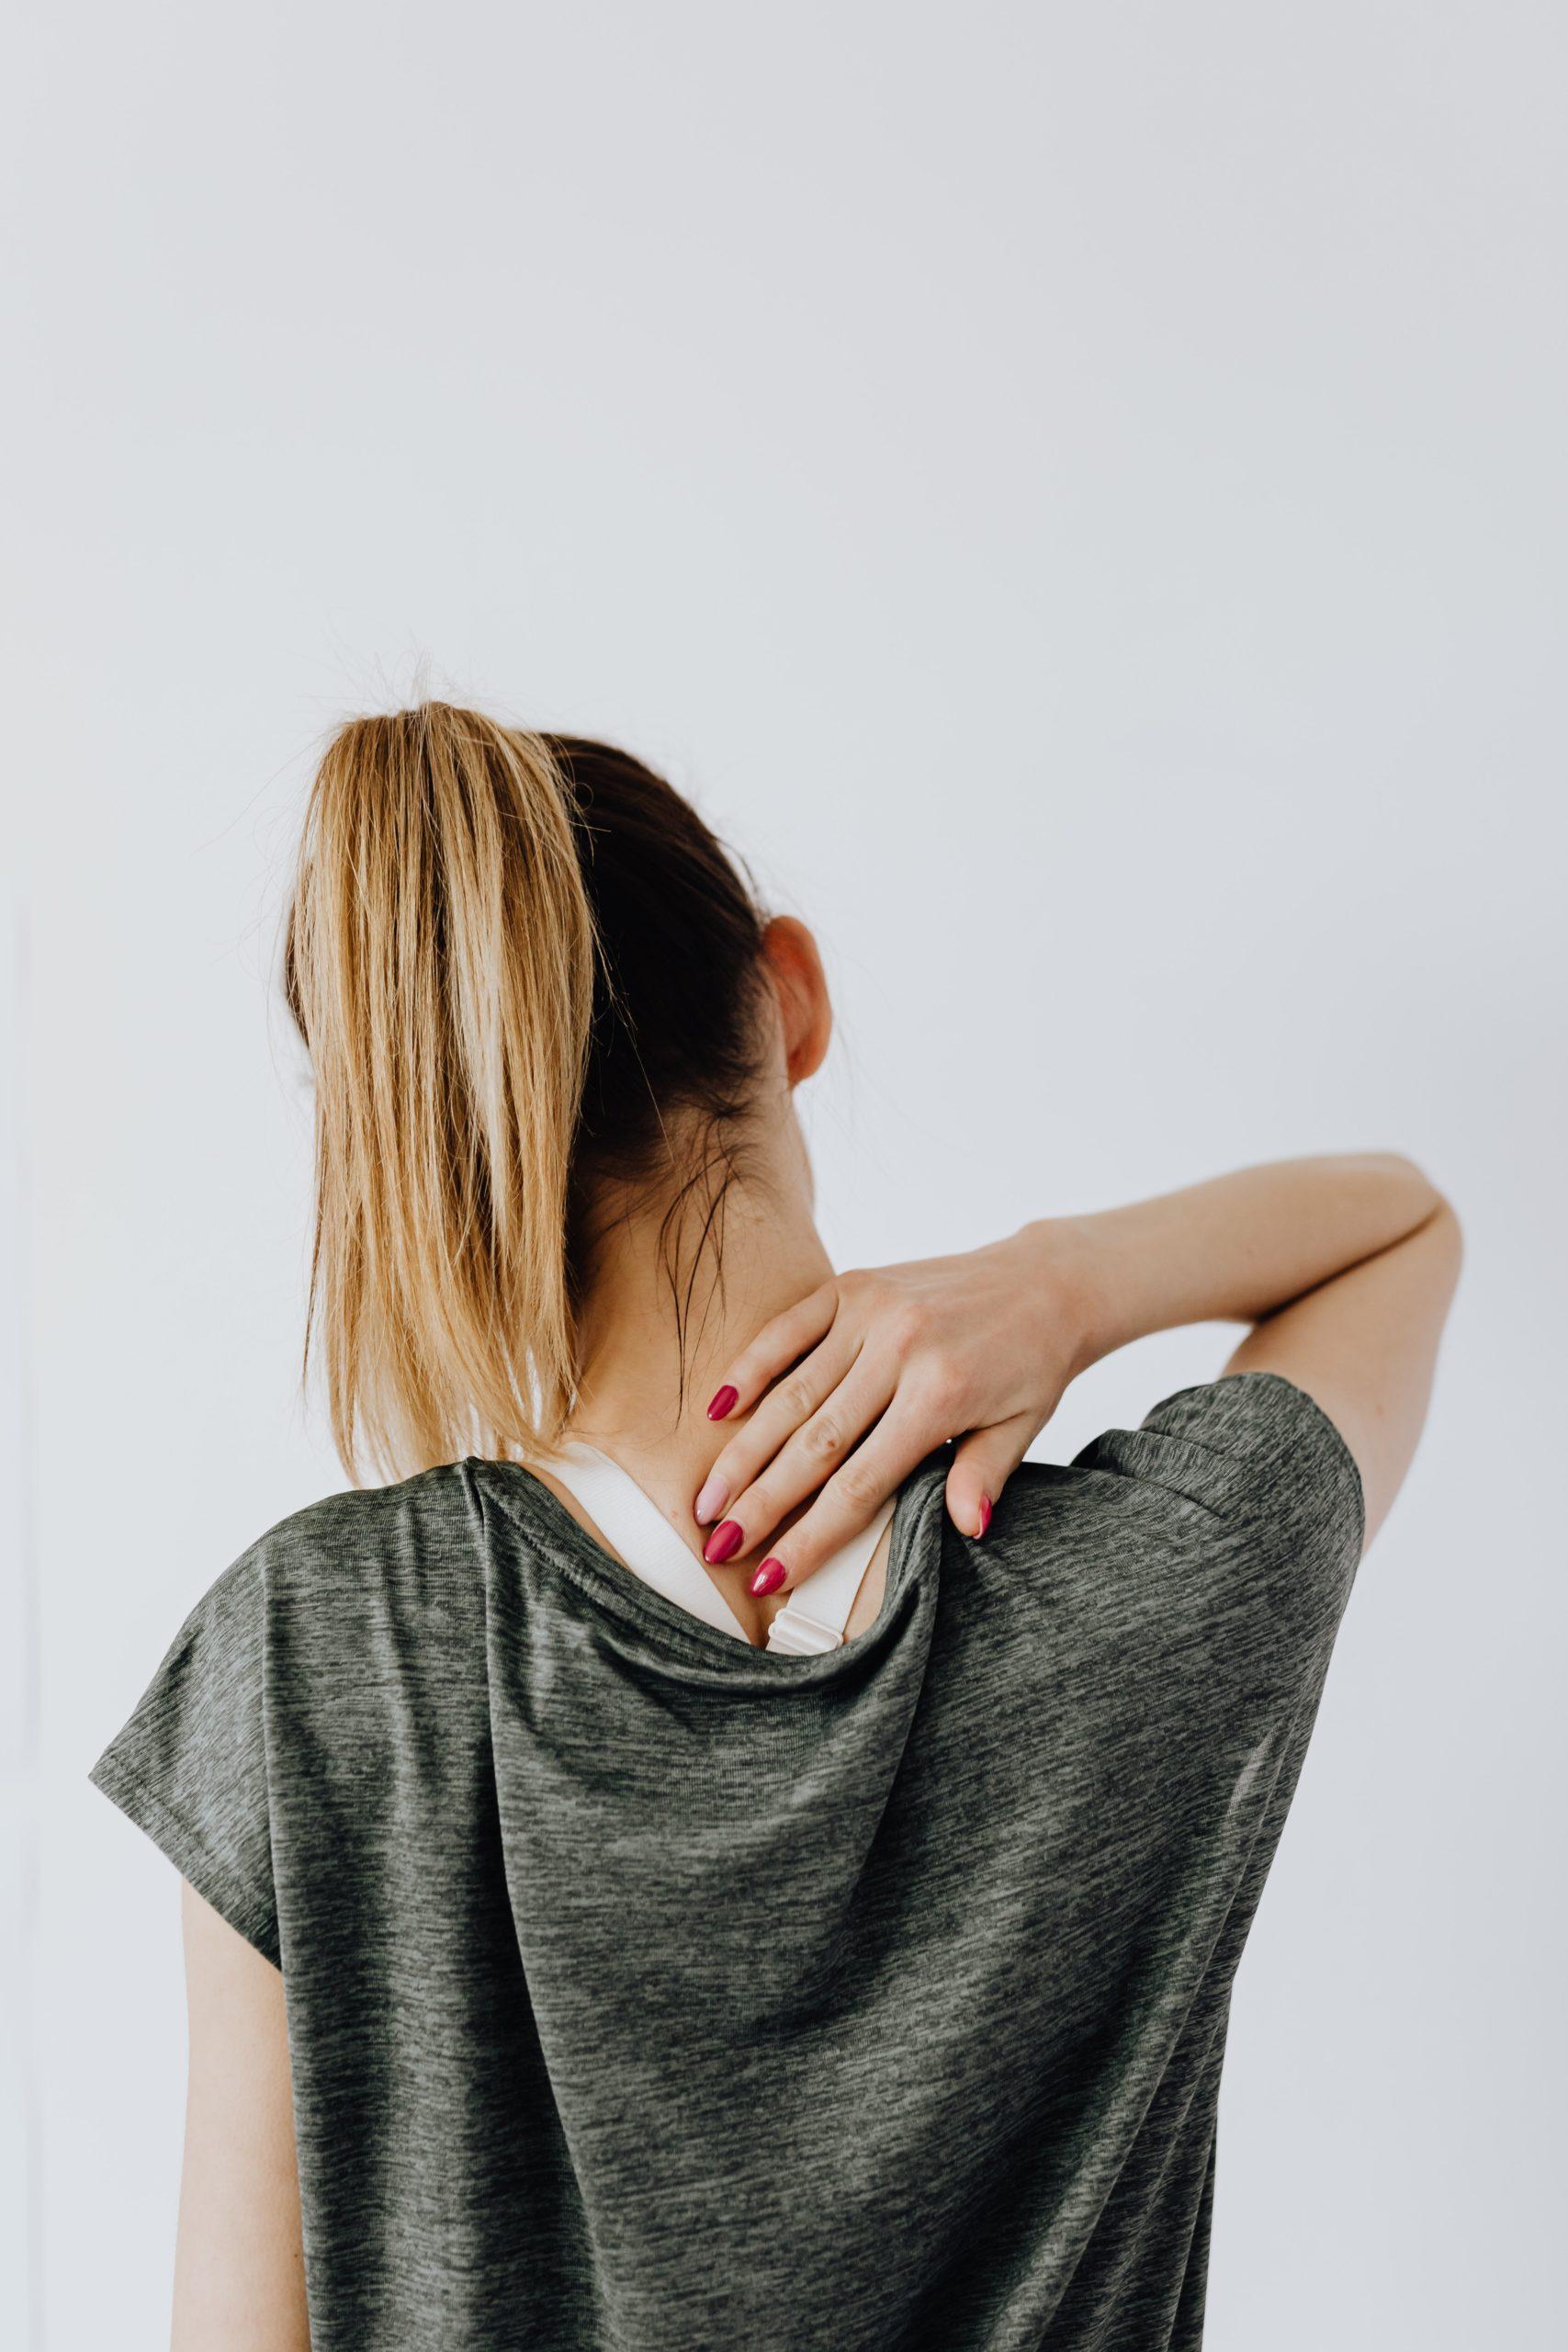 Vrouw wrijft over haar nek omdat ze last heeft van haar rug